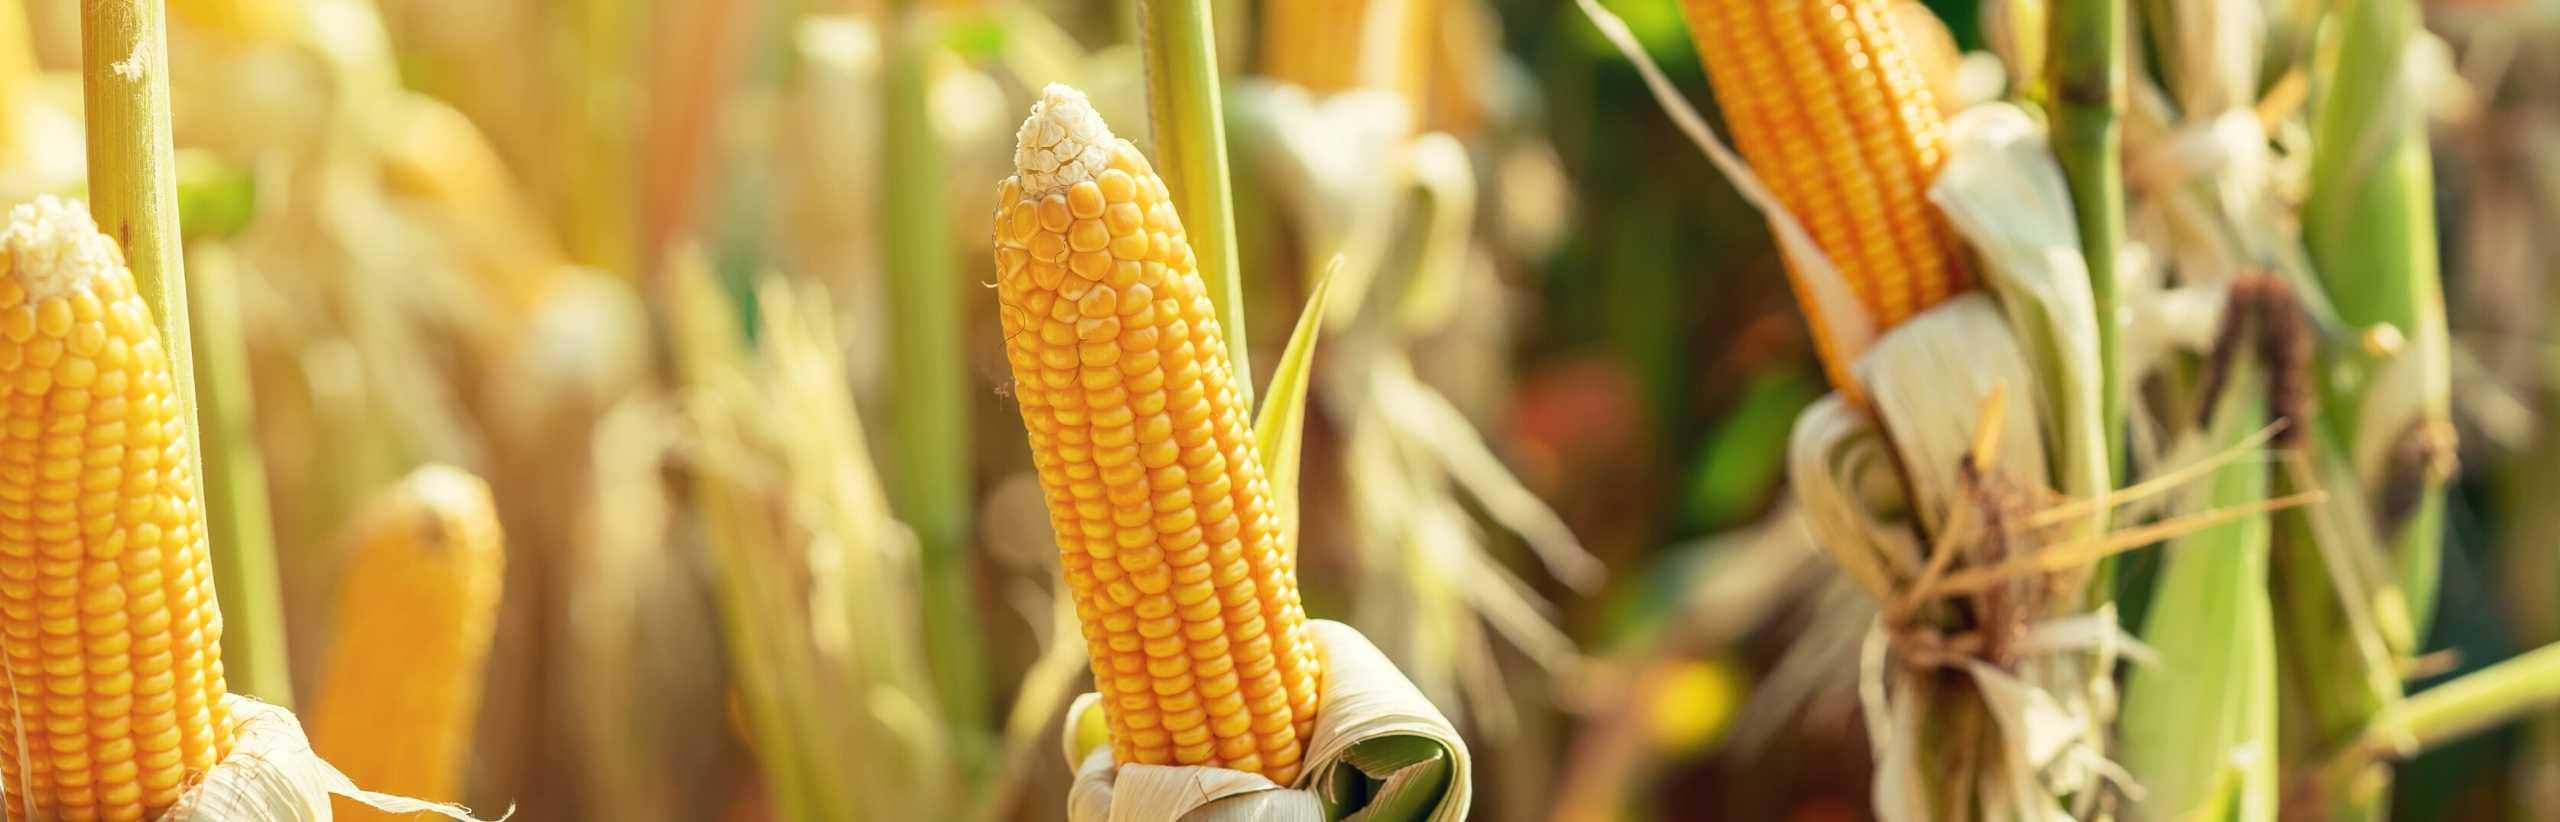 irrigazione a goccia del mais